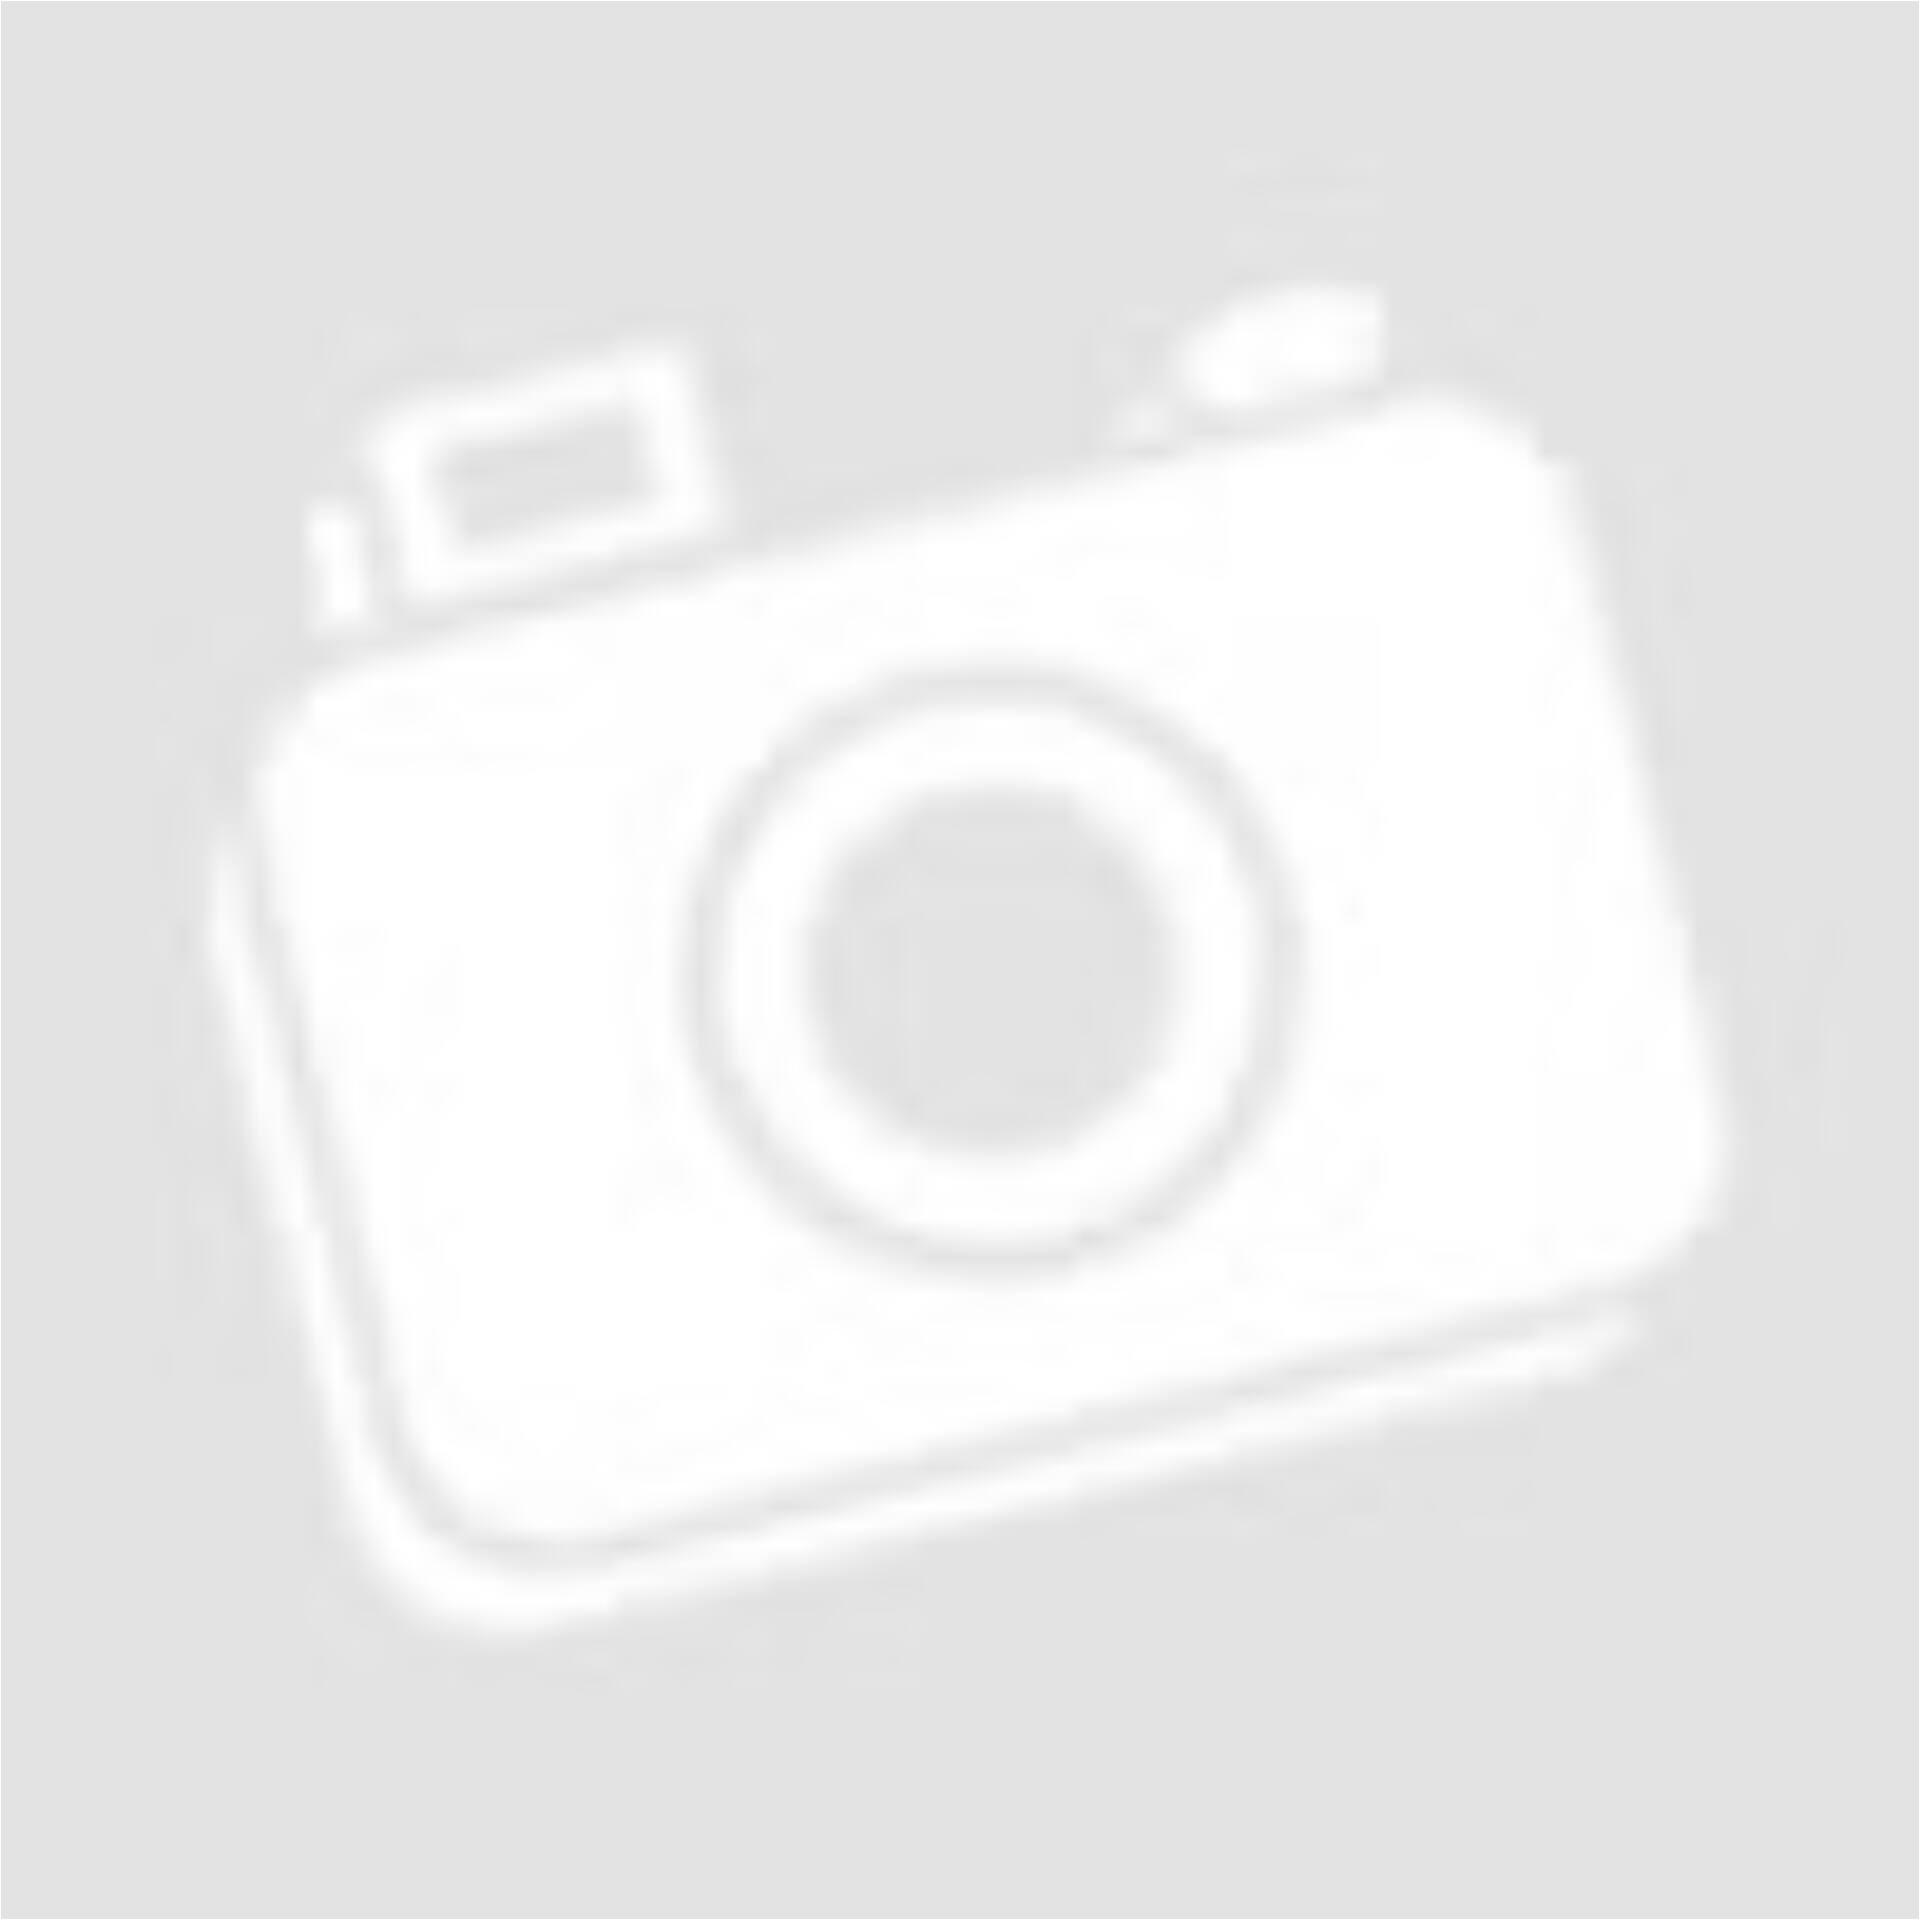 8ec52a9a48 H&M kék színű virágmintás topp (Méret: M) - Női póló, trikó, topp ...